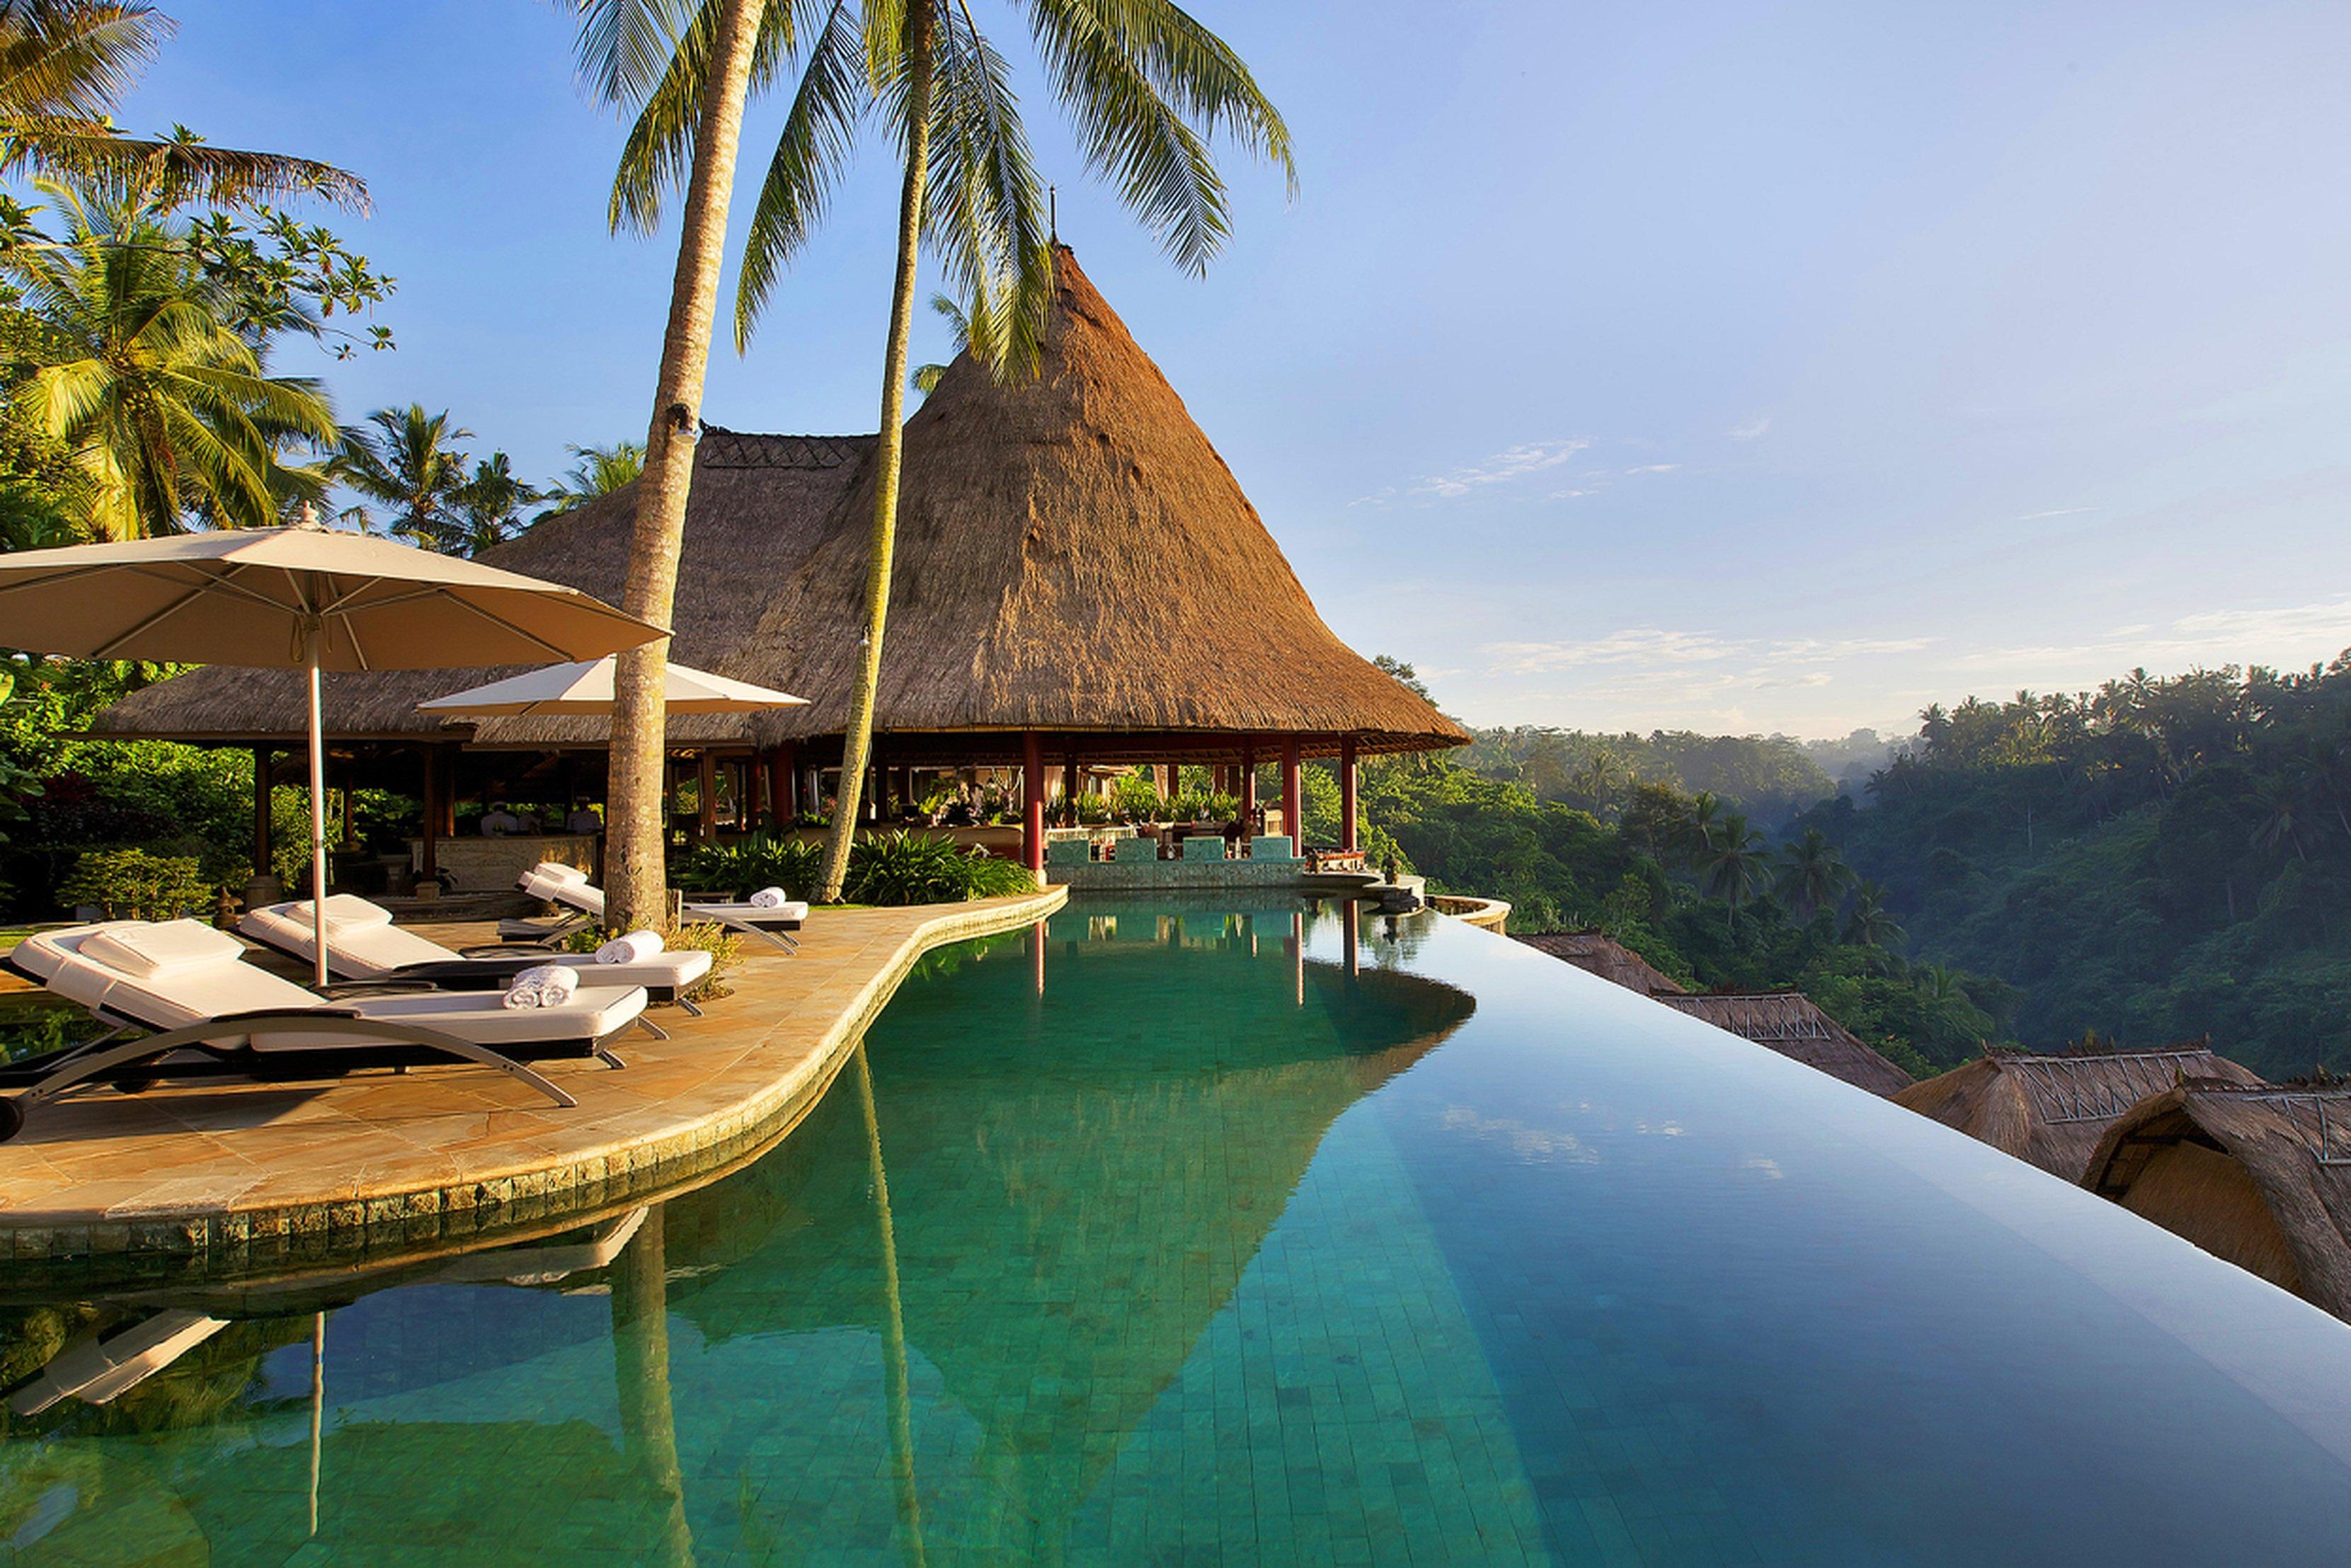 Die 20 Schonsten 5 Sterne Hotels Auf Bali Expertenauswahl 2019 Escapio